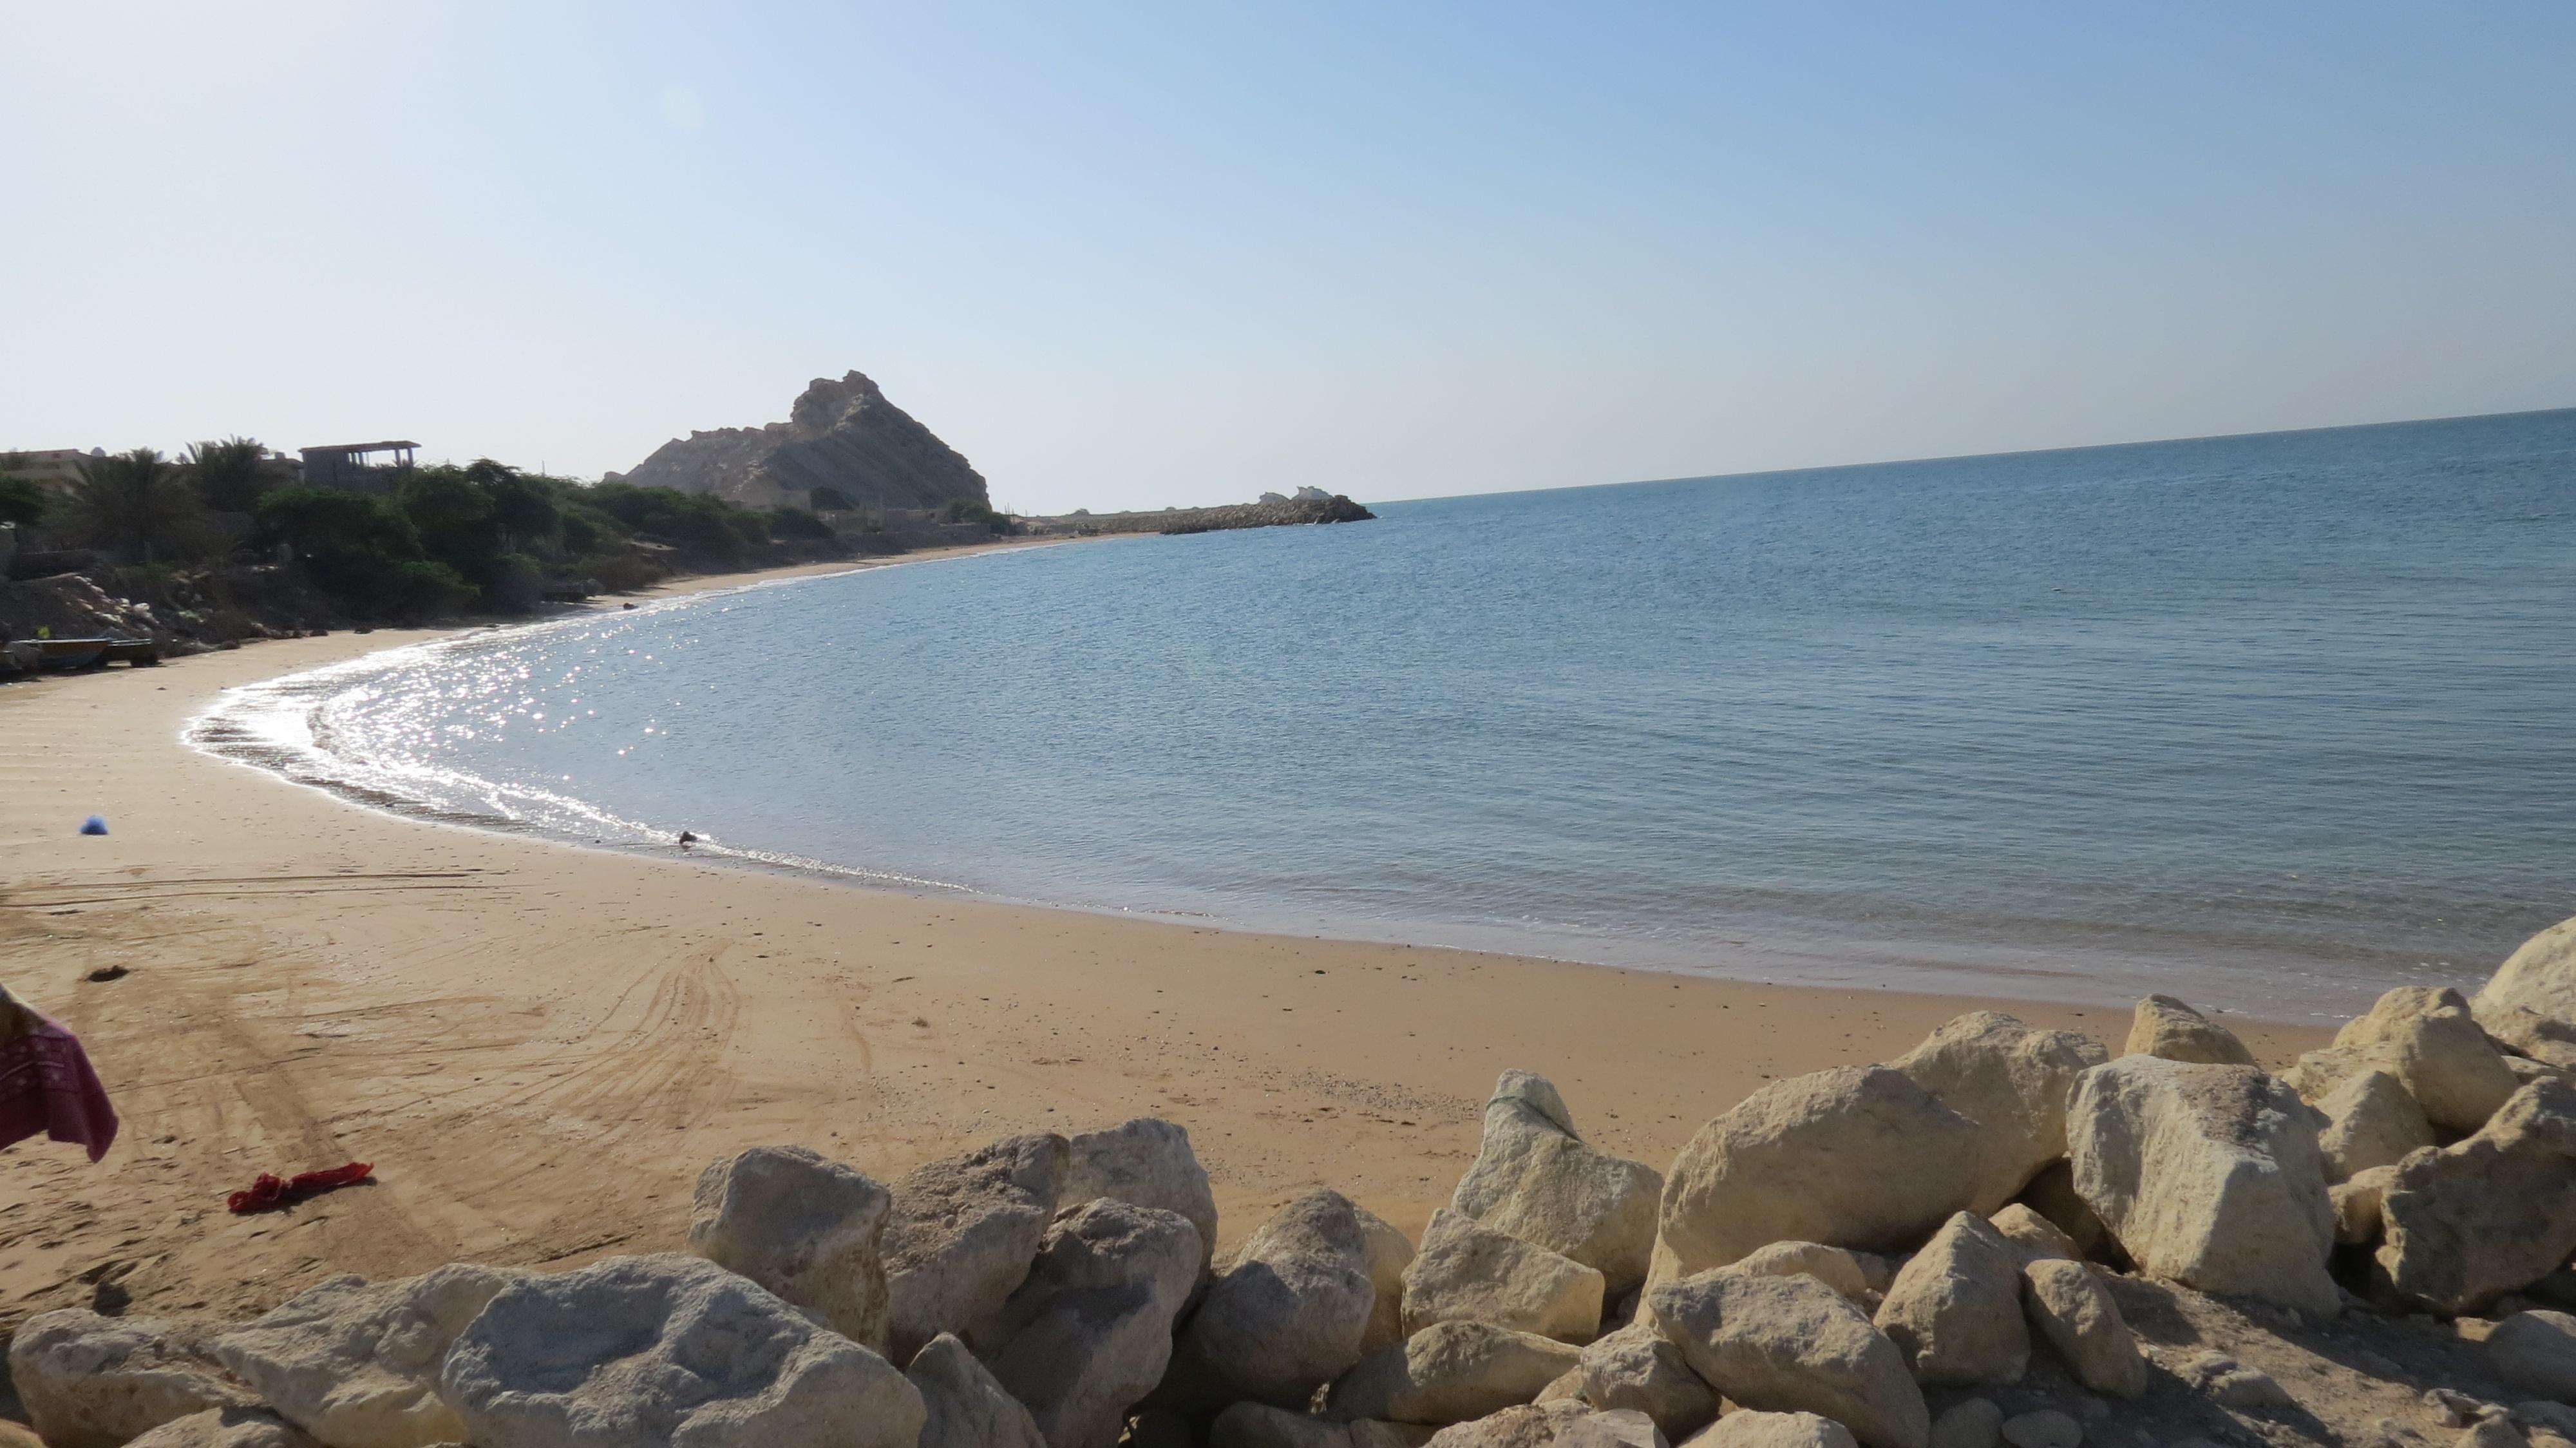 ظرفیت شیرینسازی آب دریا در استان بوشهر هفت برابر میشود